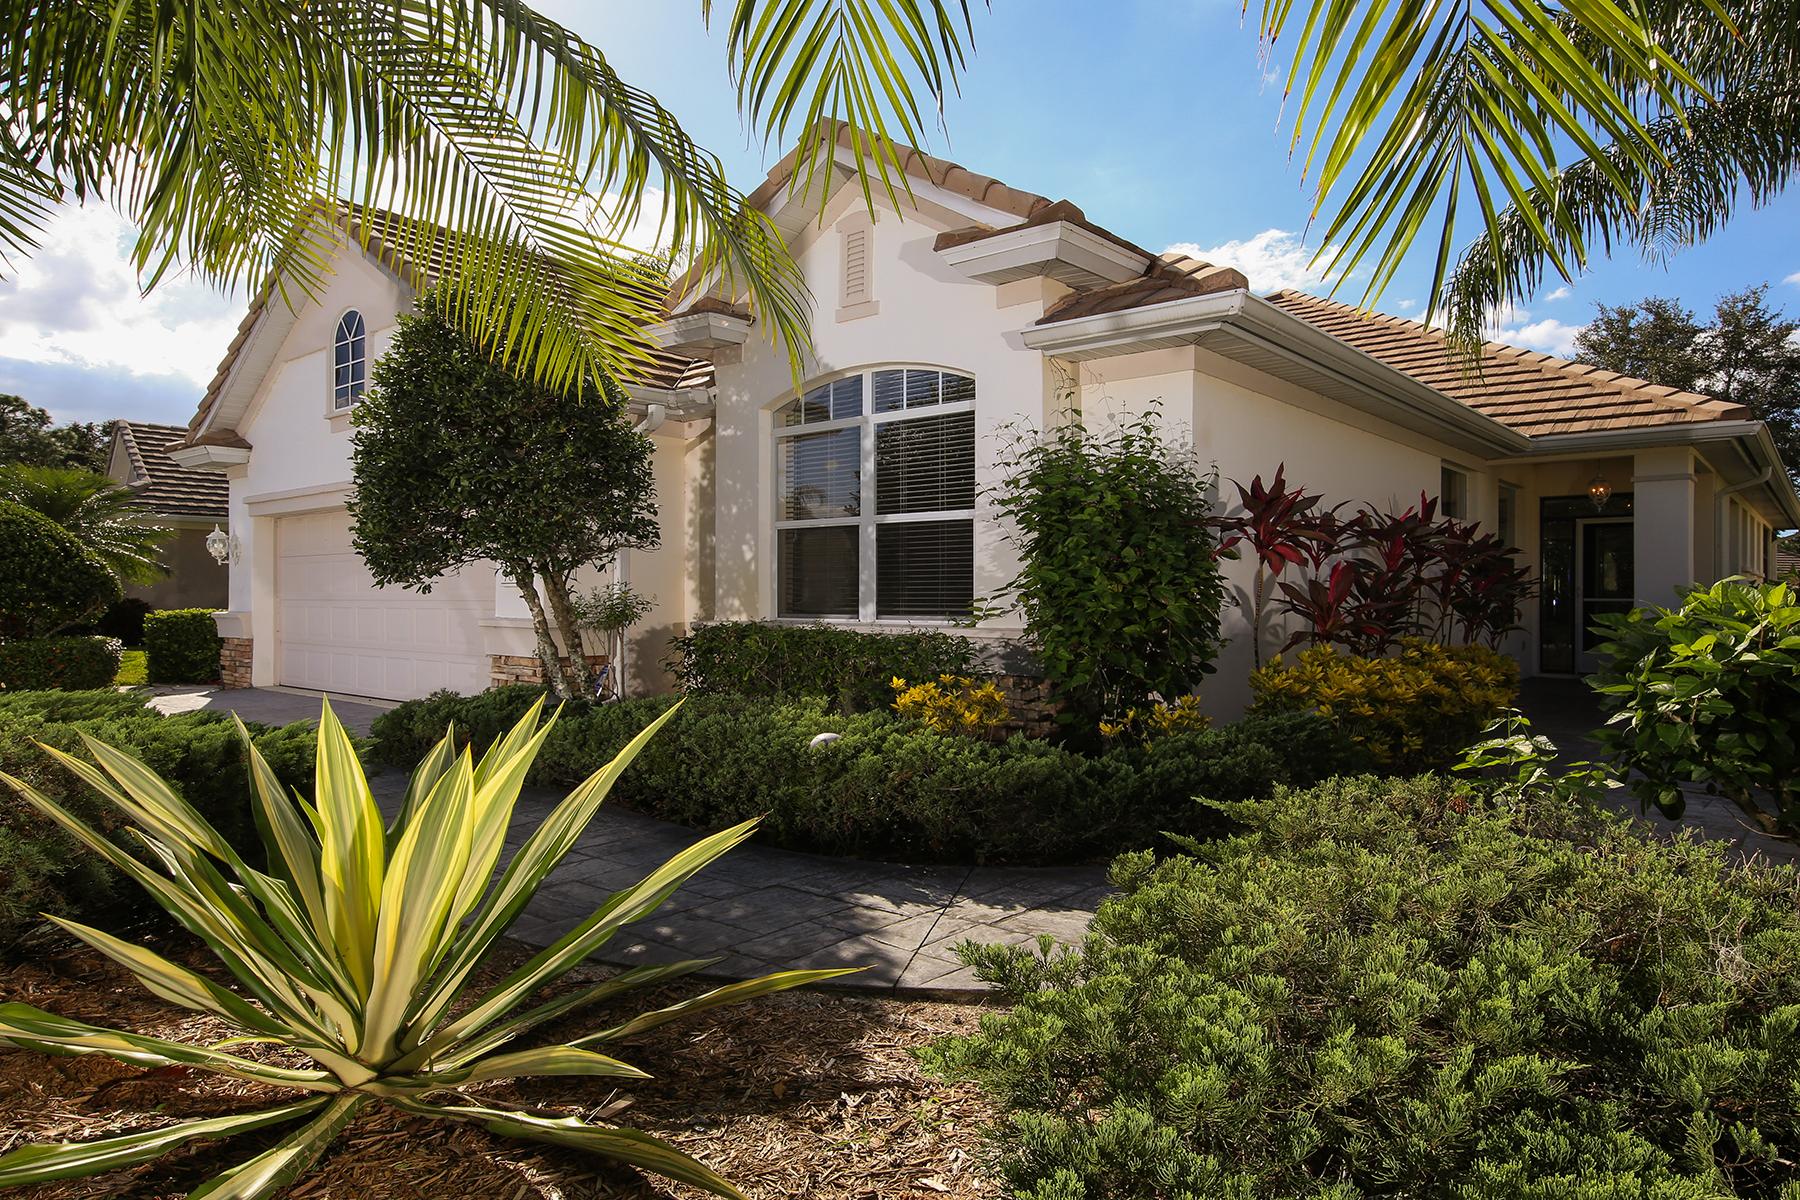 Einfamilienhaus für Verkauf beim 7808 Heritage Classic Ct , Lakewood Ranch, FL 3420 7808 Heritage Classic Ct Lakewood Ranch, Florida, 34202 Vereinigte Staaten